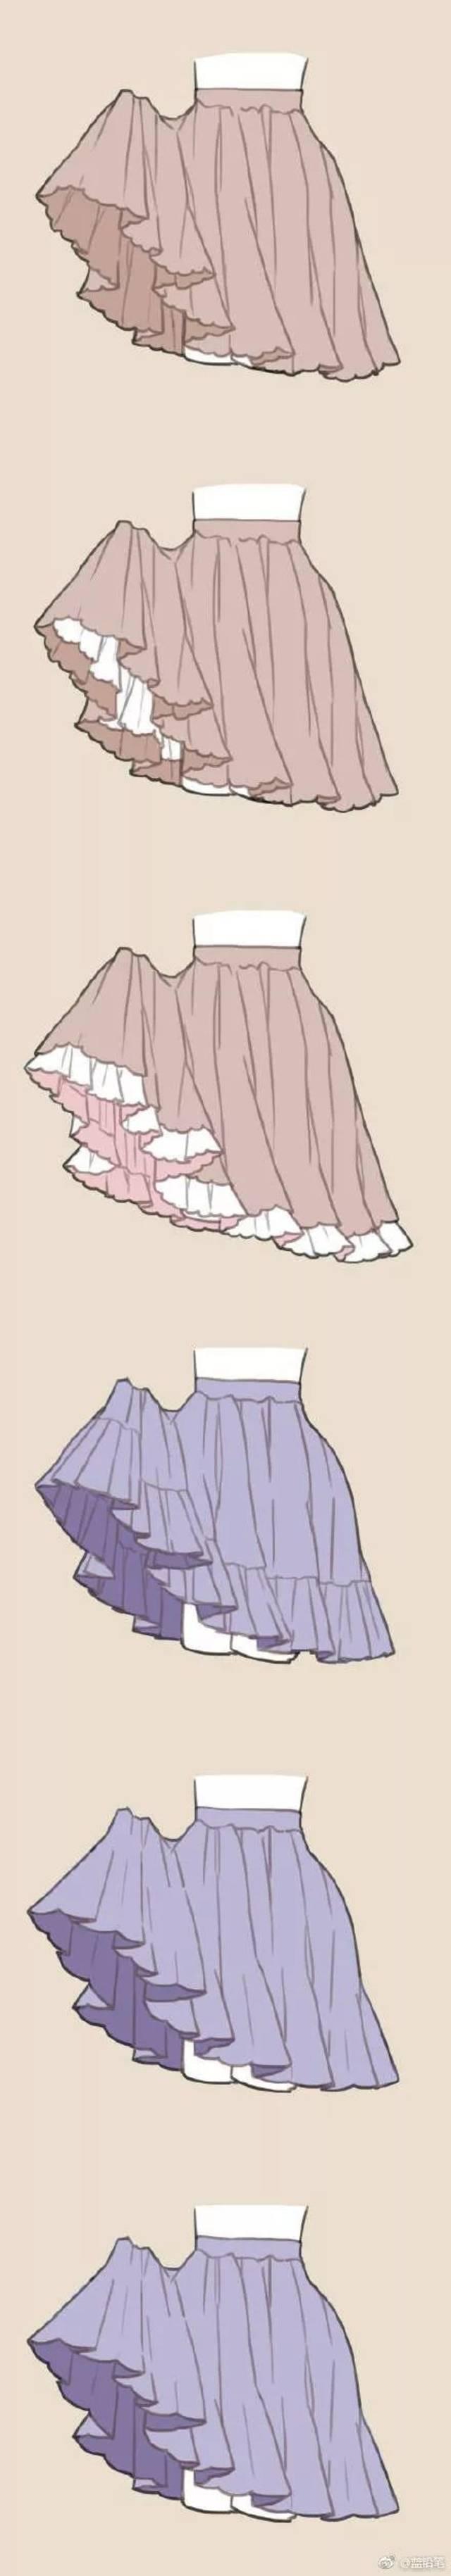 每一天,都要做一个小公主 lolita小裙子画法